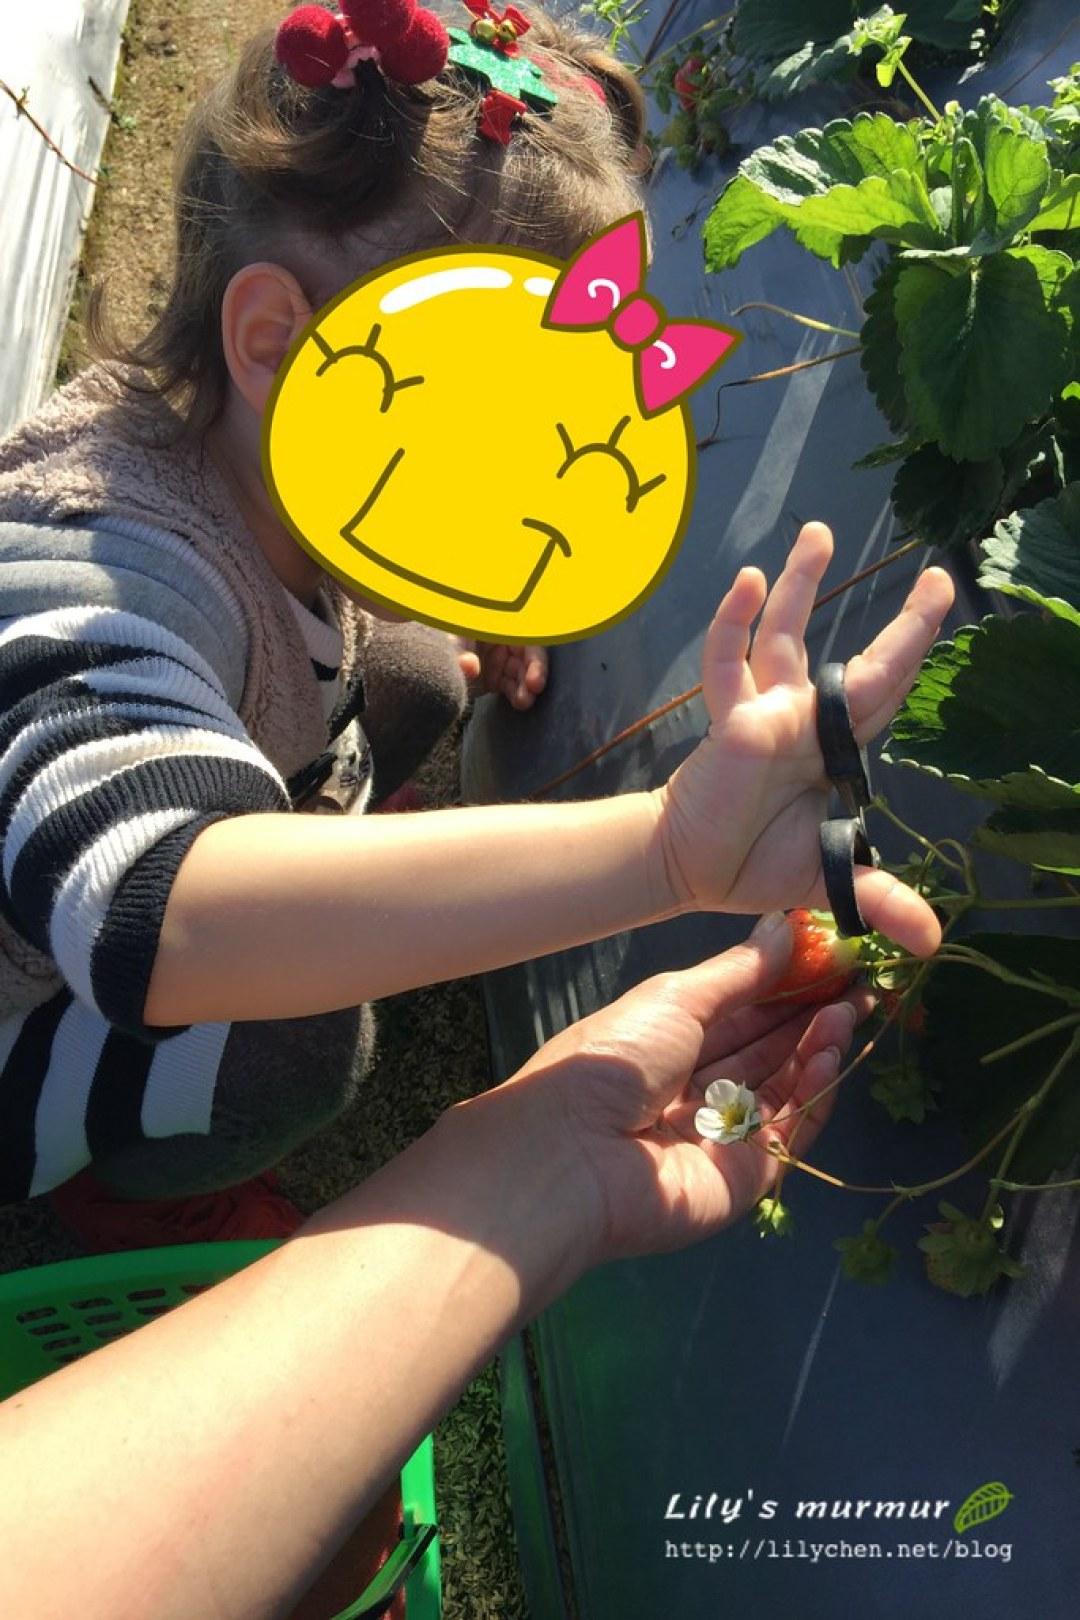 進行首次人生採草莓體驗的小妮,小心翼翼。